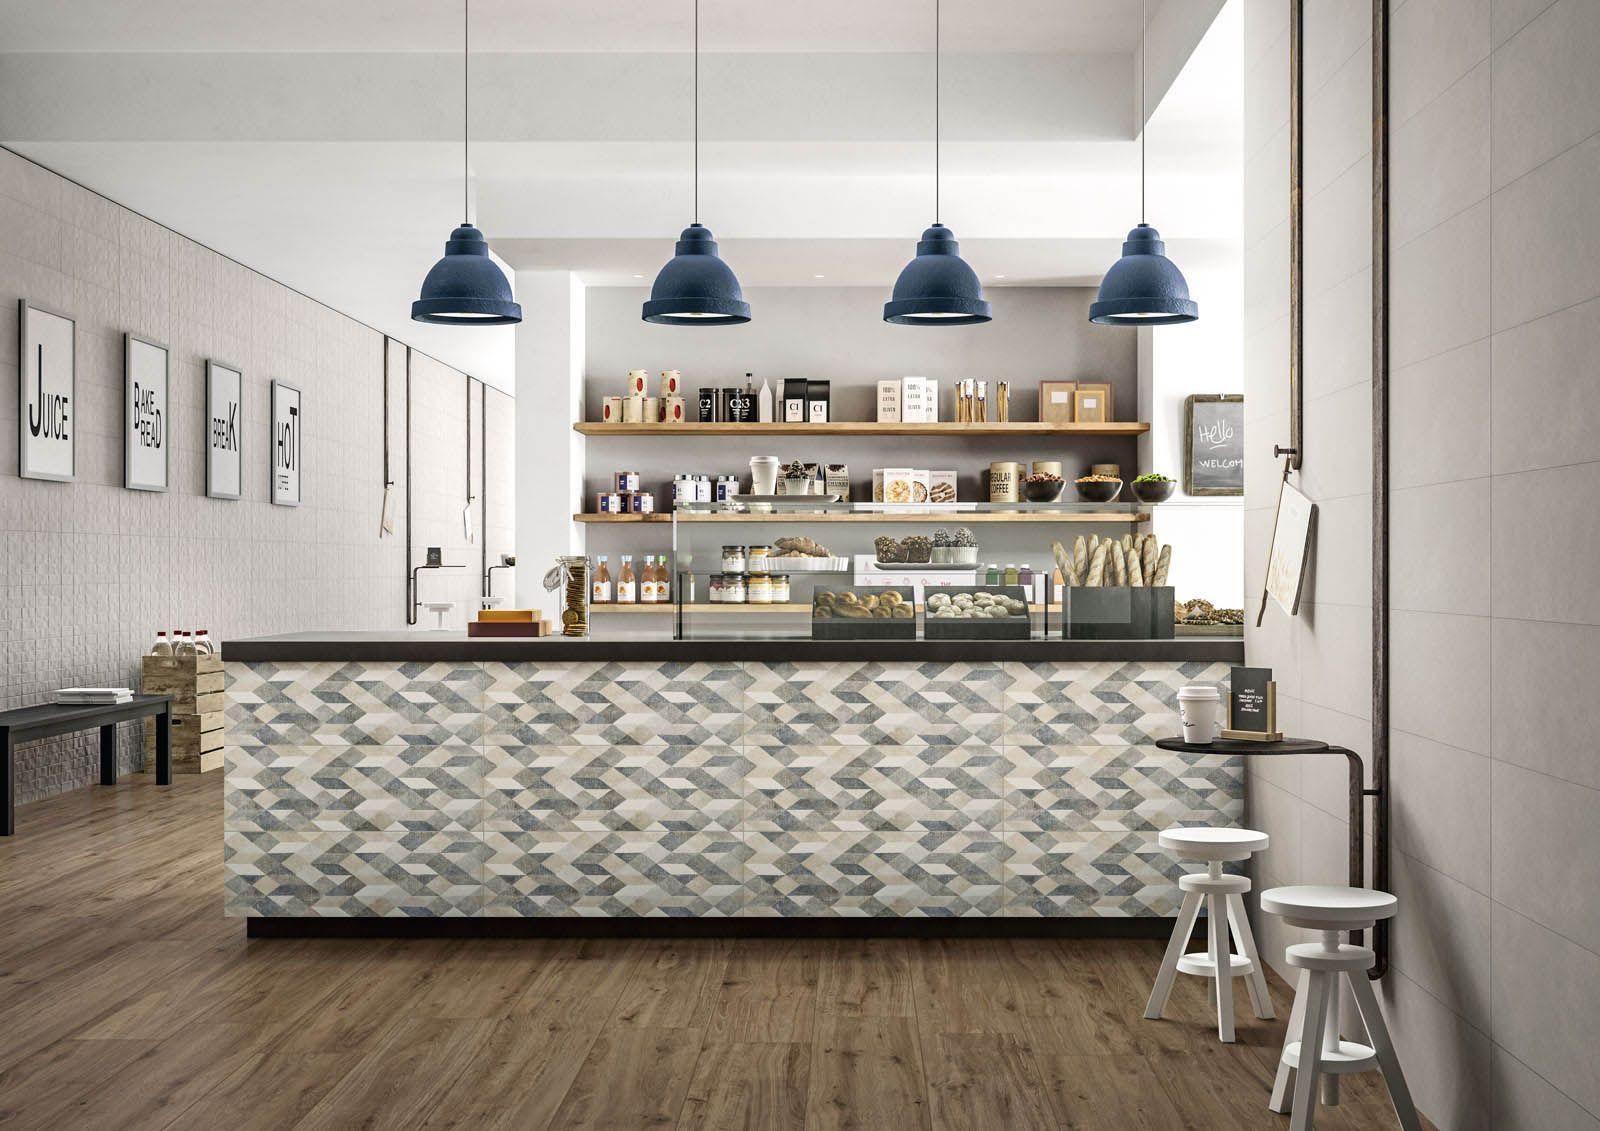 Chalk - Wandverkleidung in Zementoptik | Marazzi | Architektur ...